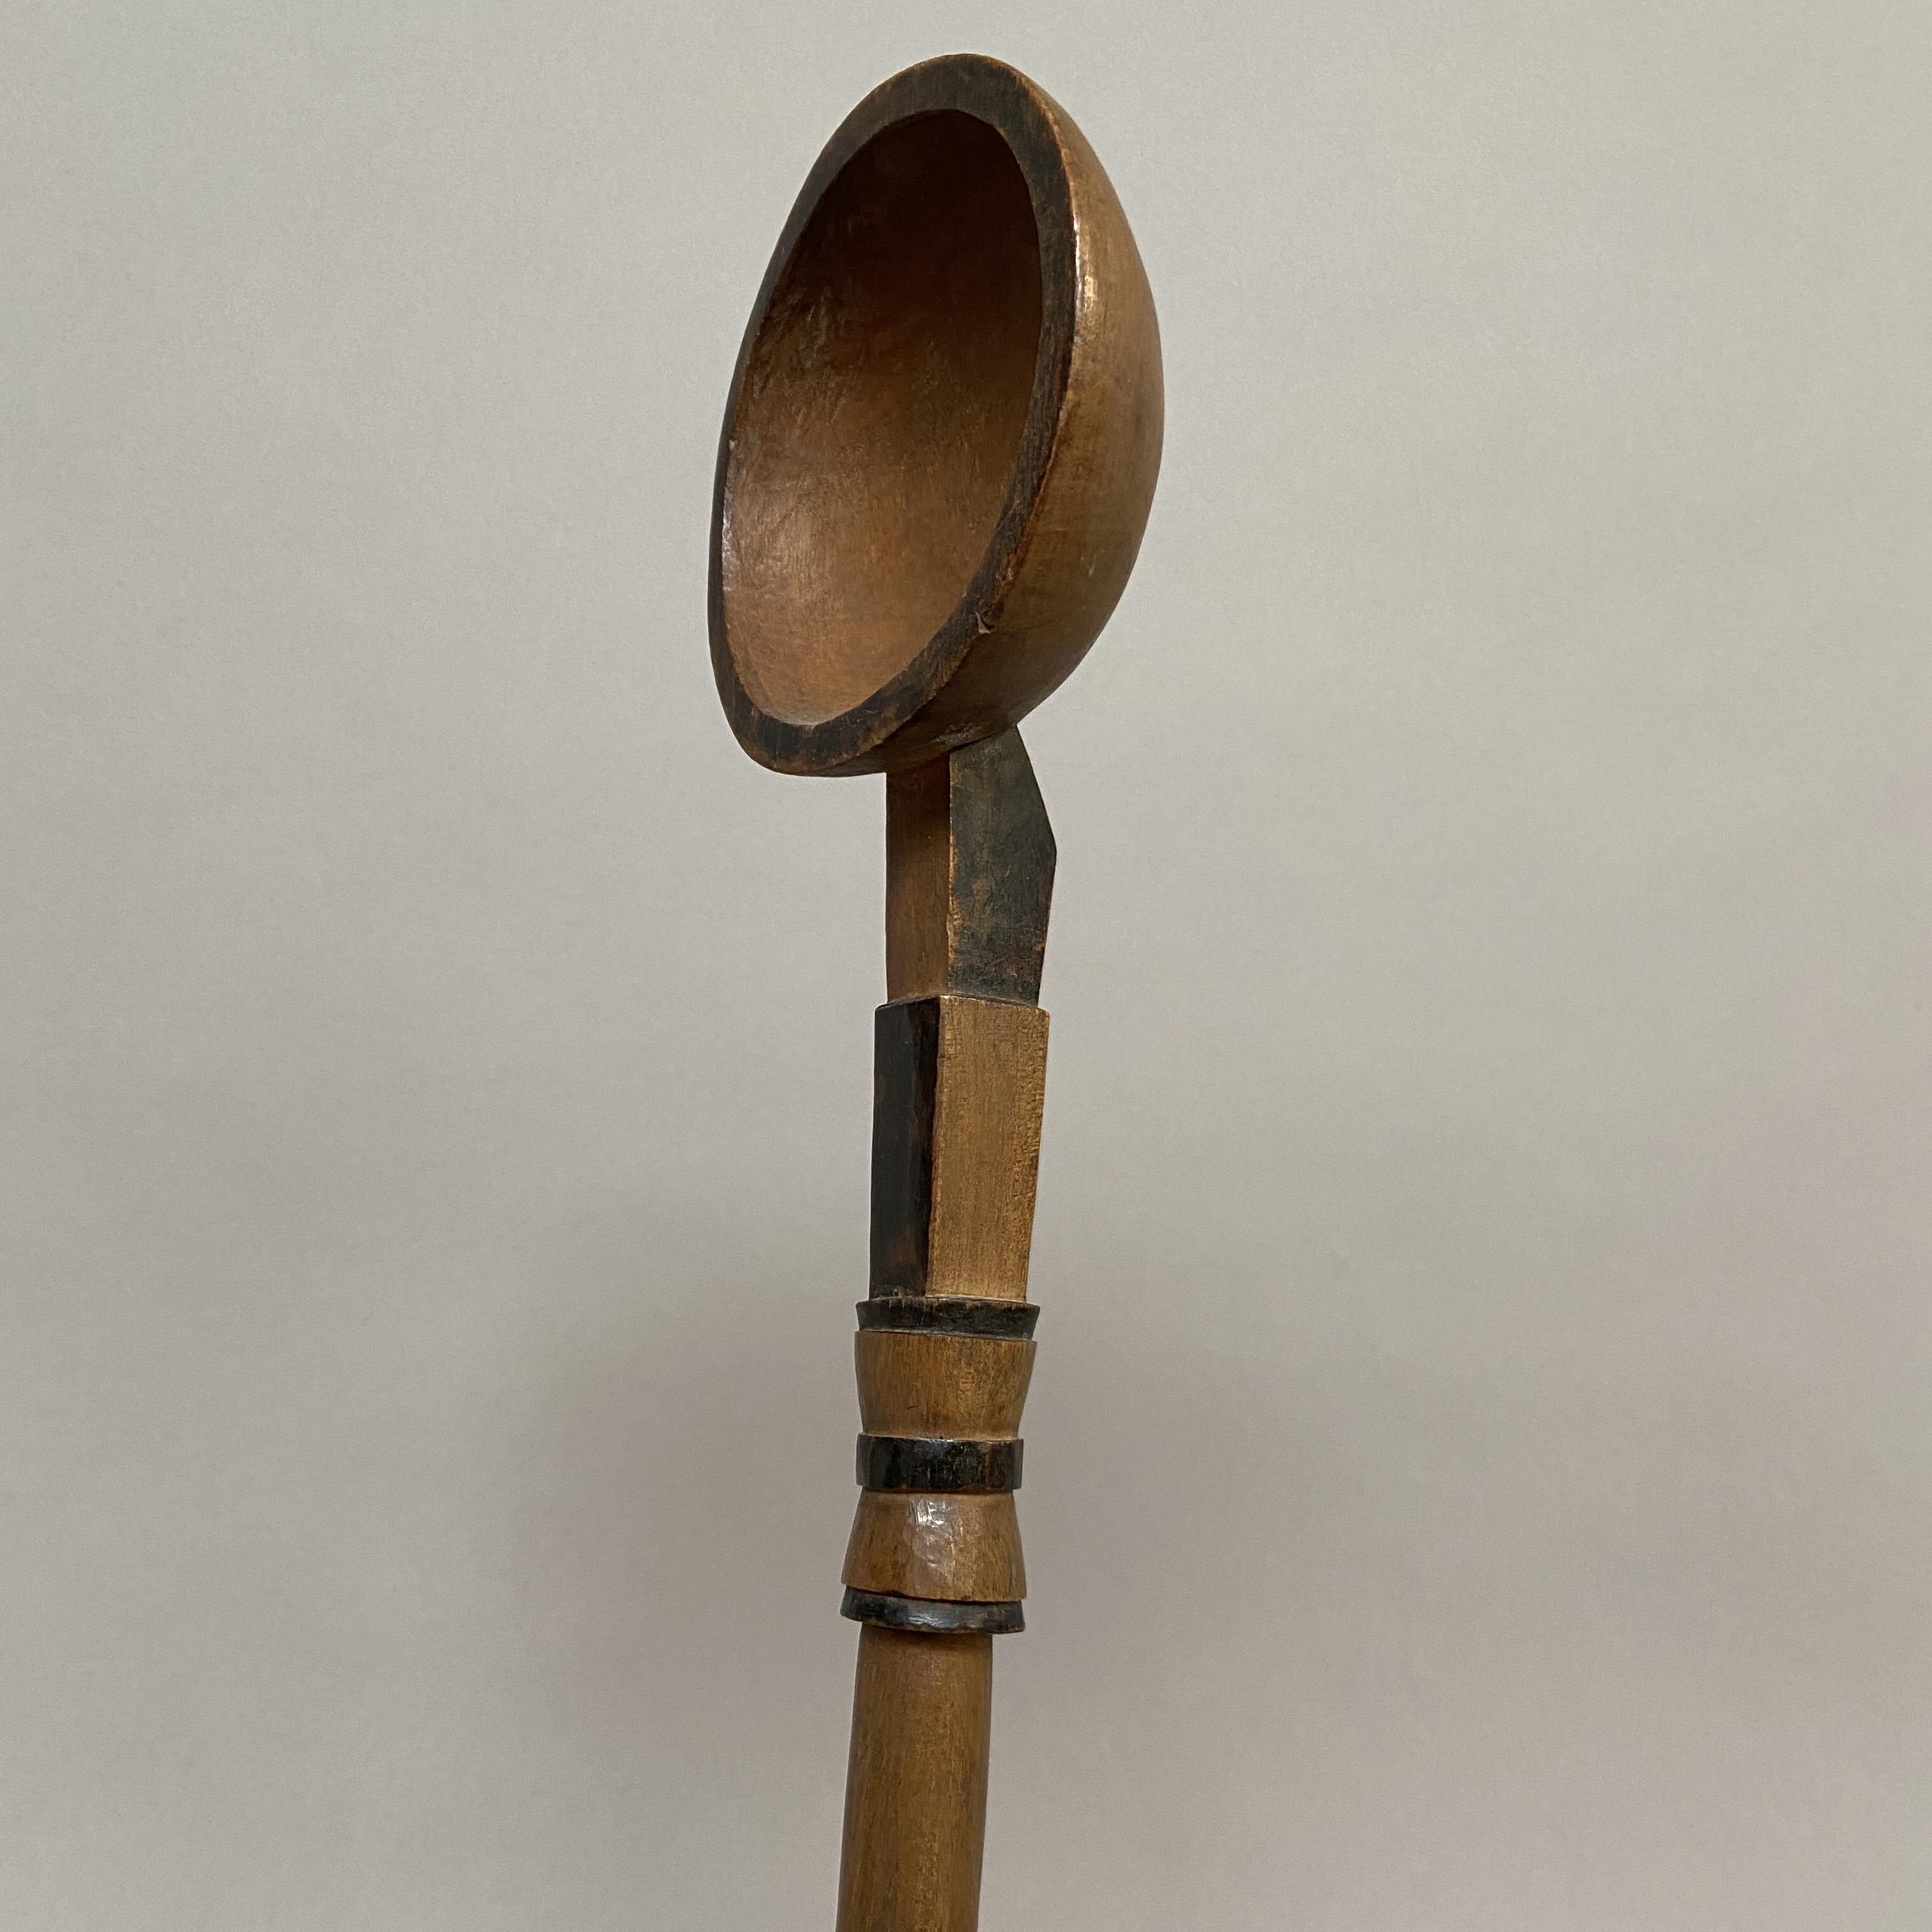 Shoona spoon